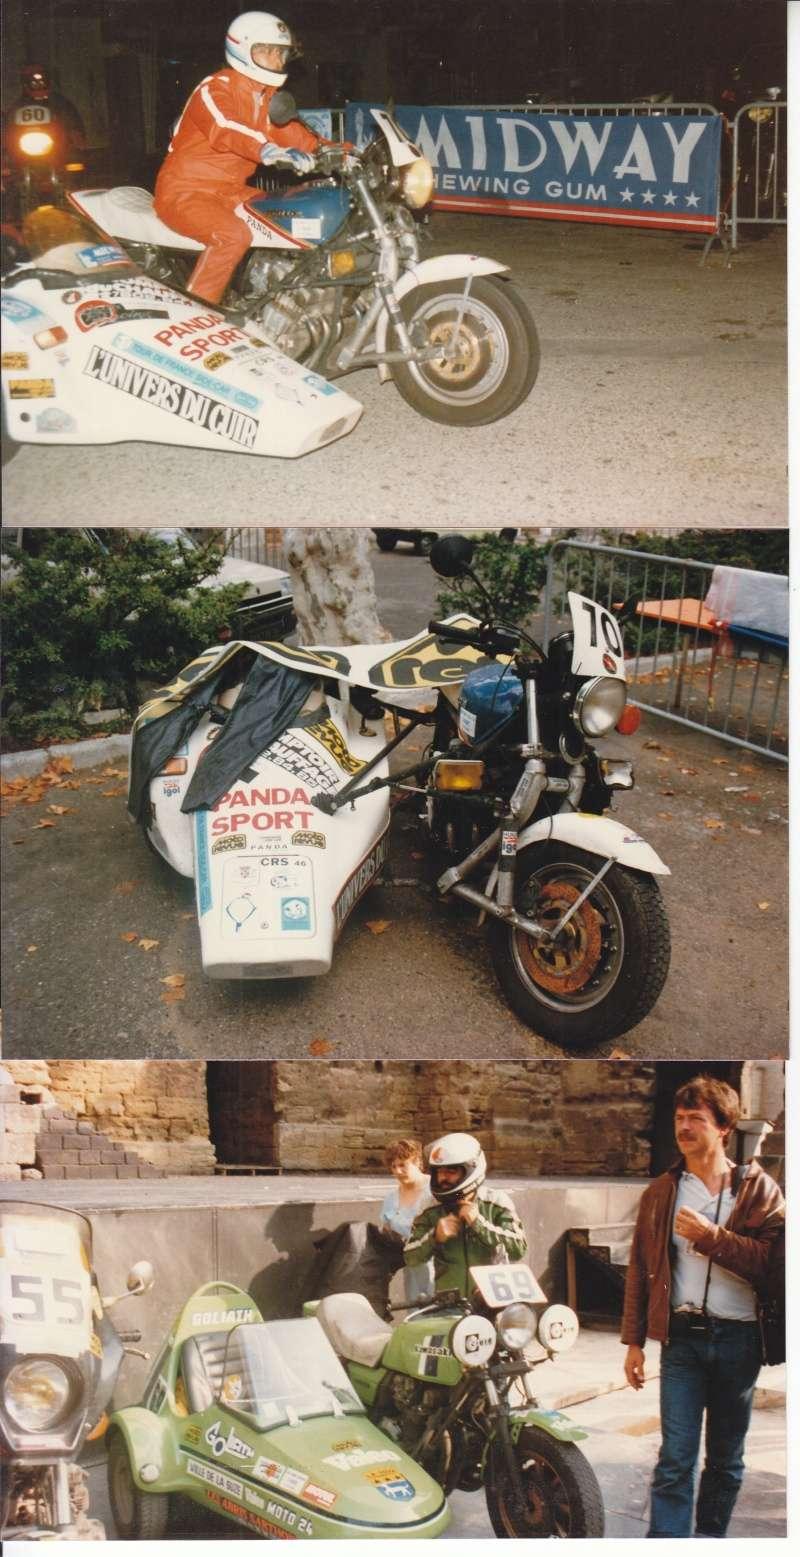 [Oldies] 1980 à 1988: Le Tour de France side-car, par Joël Enndewell  - Page 11 Sans_t33